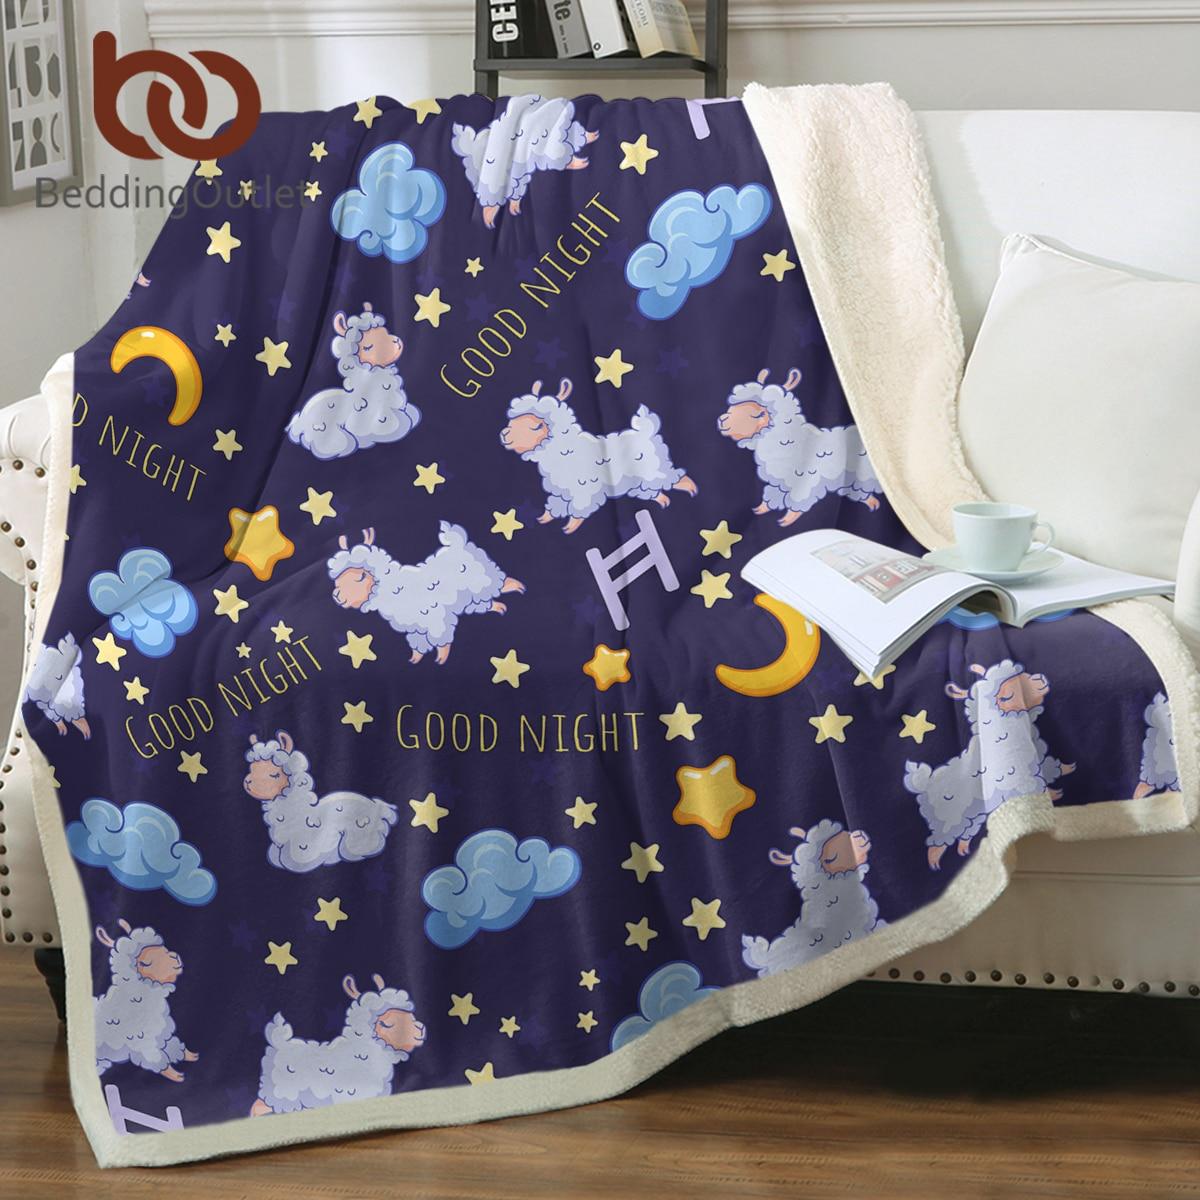 Beddingout الأغنام شيربا رمي بطانية لطيف الحيوان المفرش الكرتون أفخم أريكة بطانية الأرجواني رقيقة لحاف القمر ستار ديكور المنزل